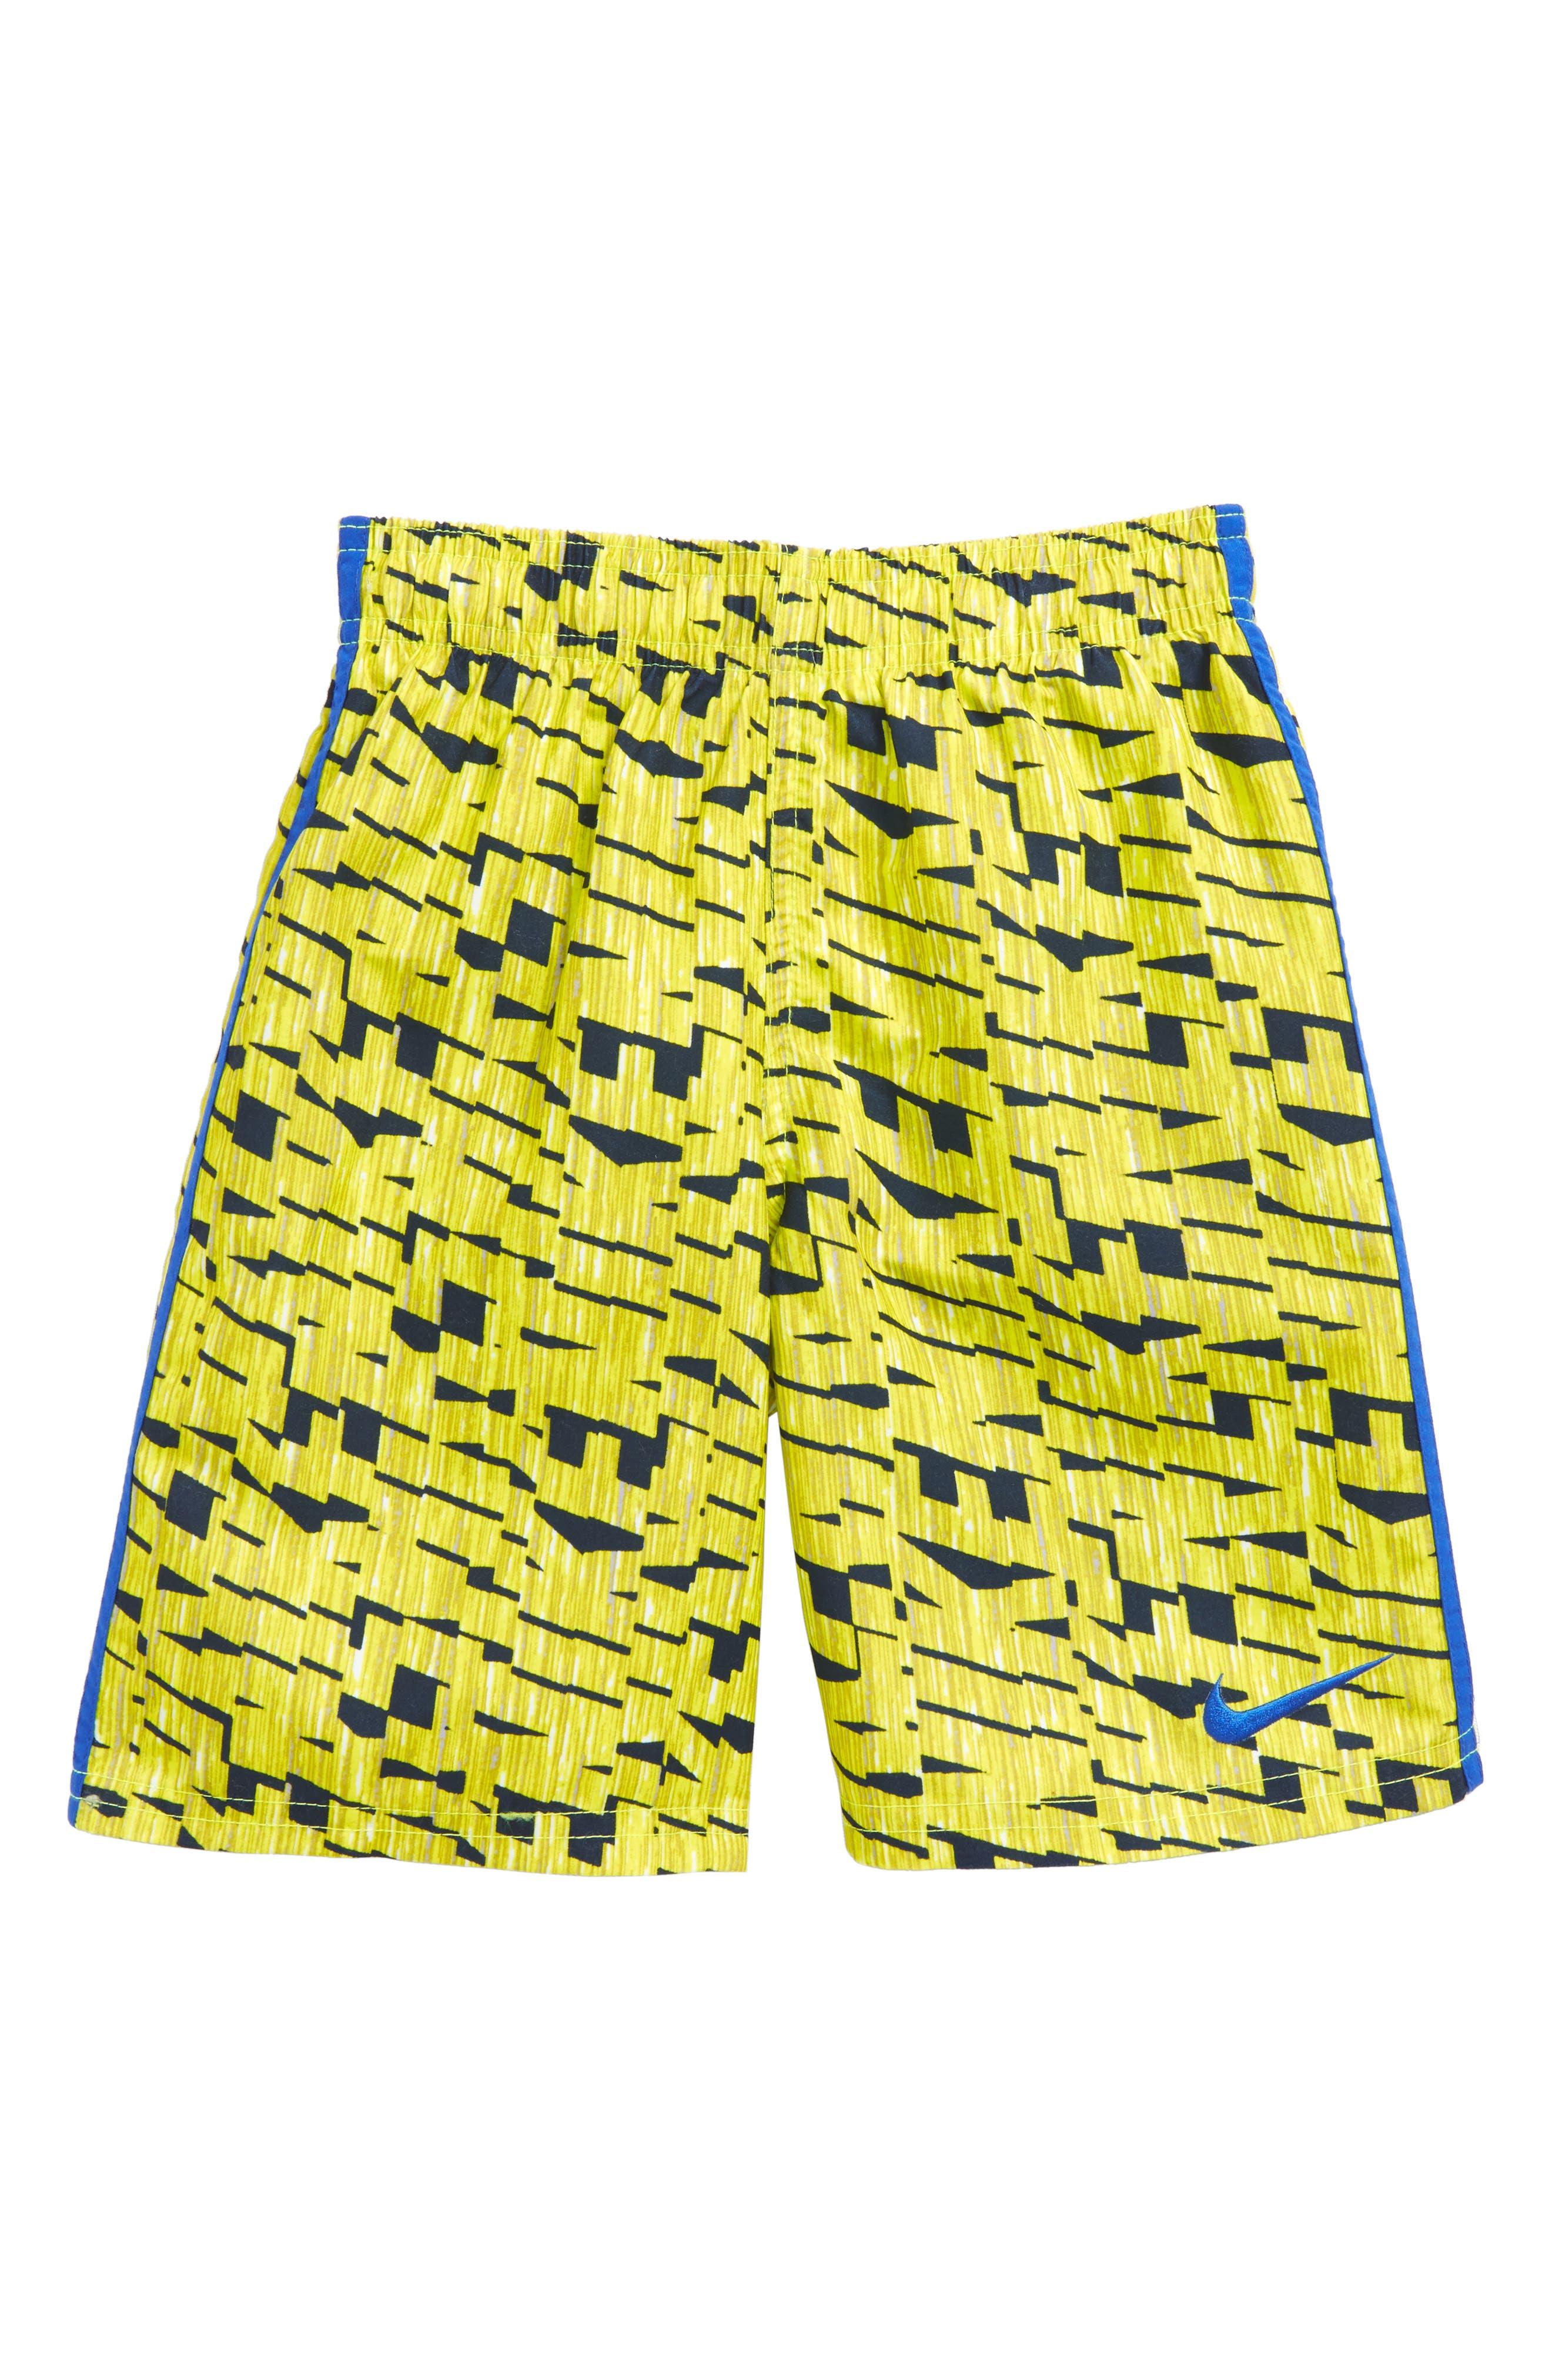 Diverge Board Shorts,                             Main thumbnail 3, color,